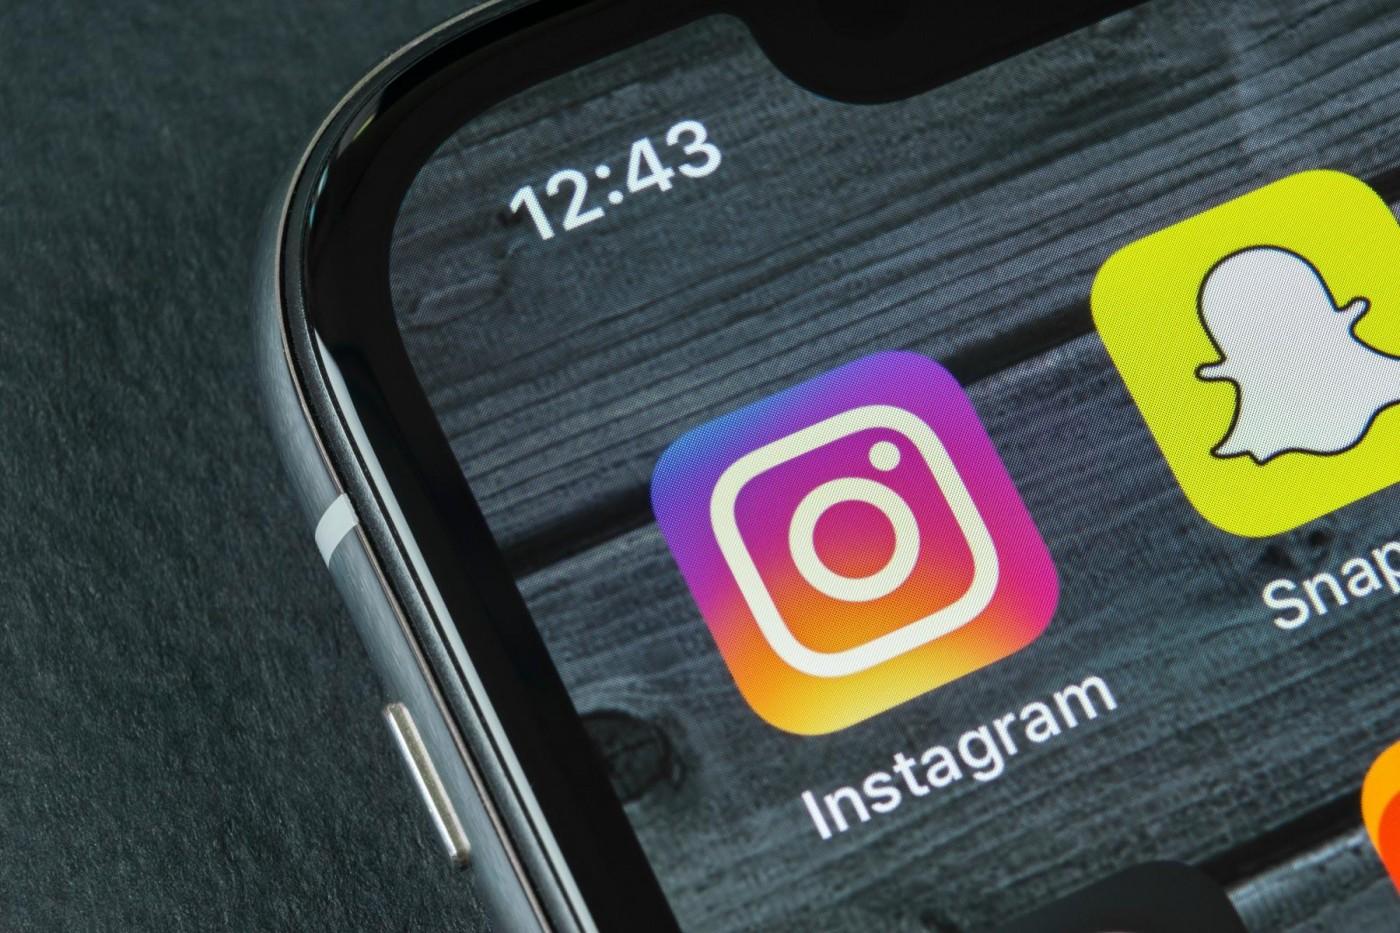 連小賈斯汀也蒸發190萬追蹤者!Instagram澄清粉絲數異常非清理幽靈帳號